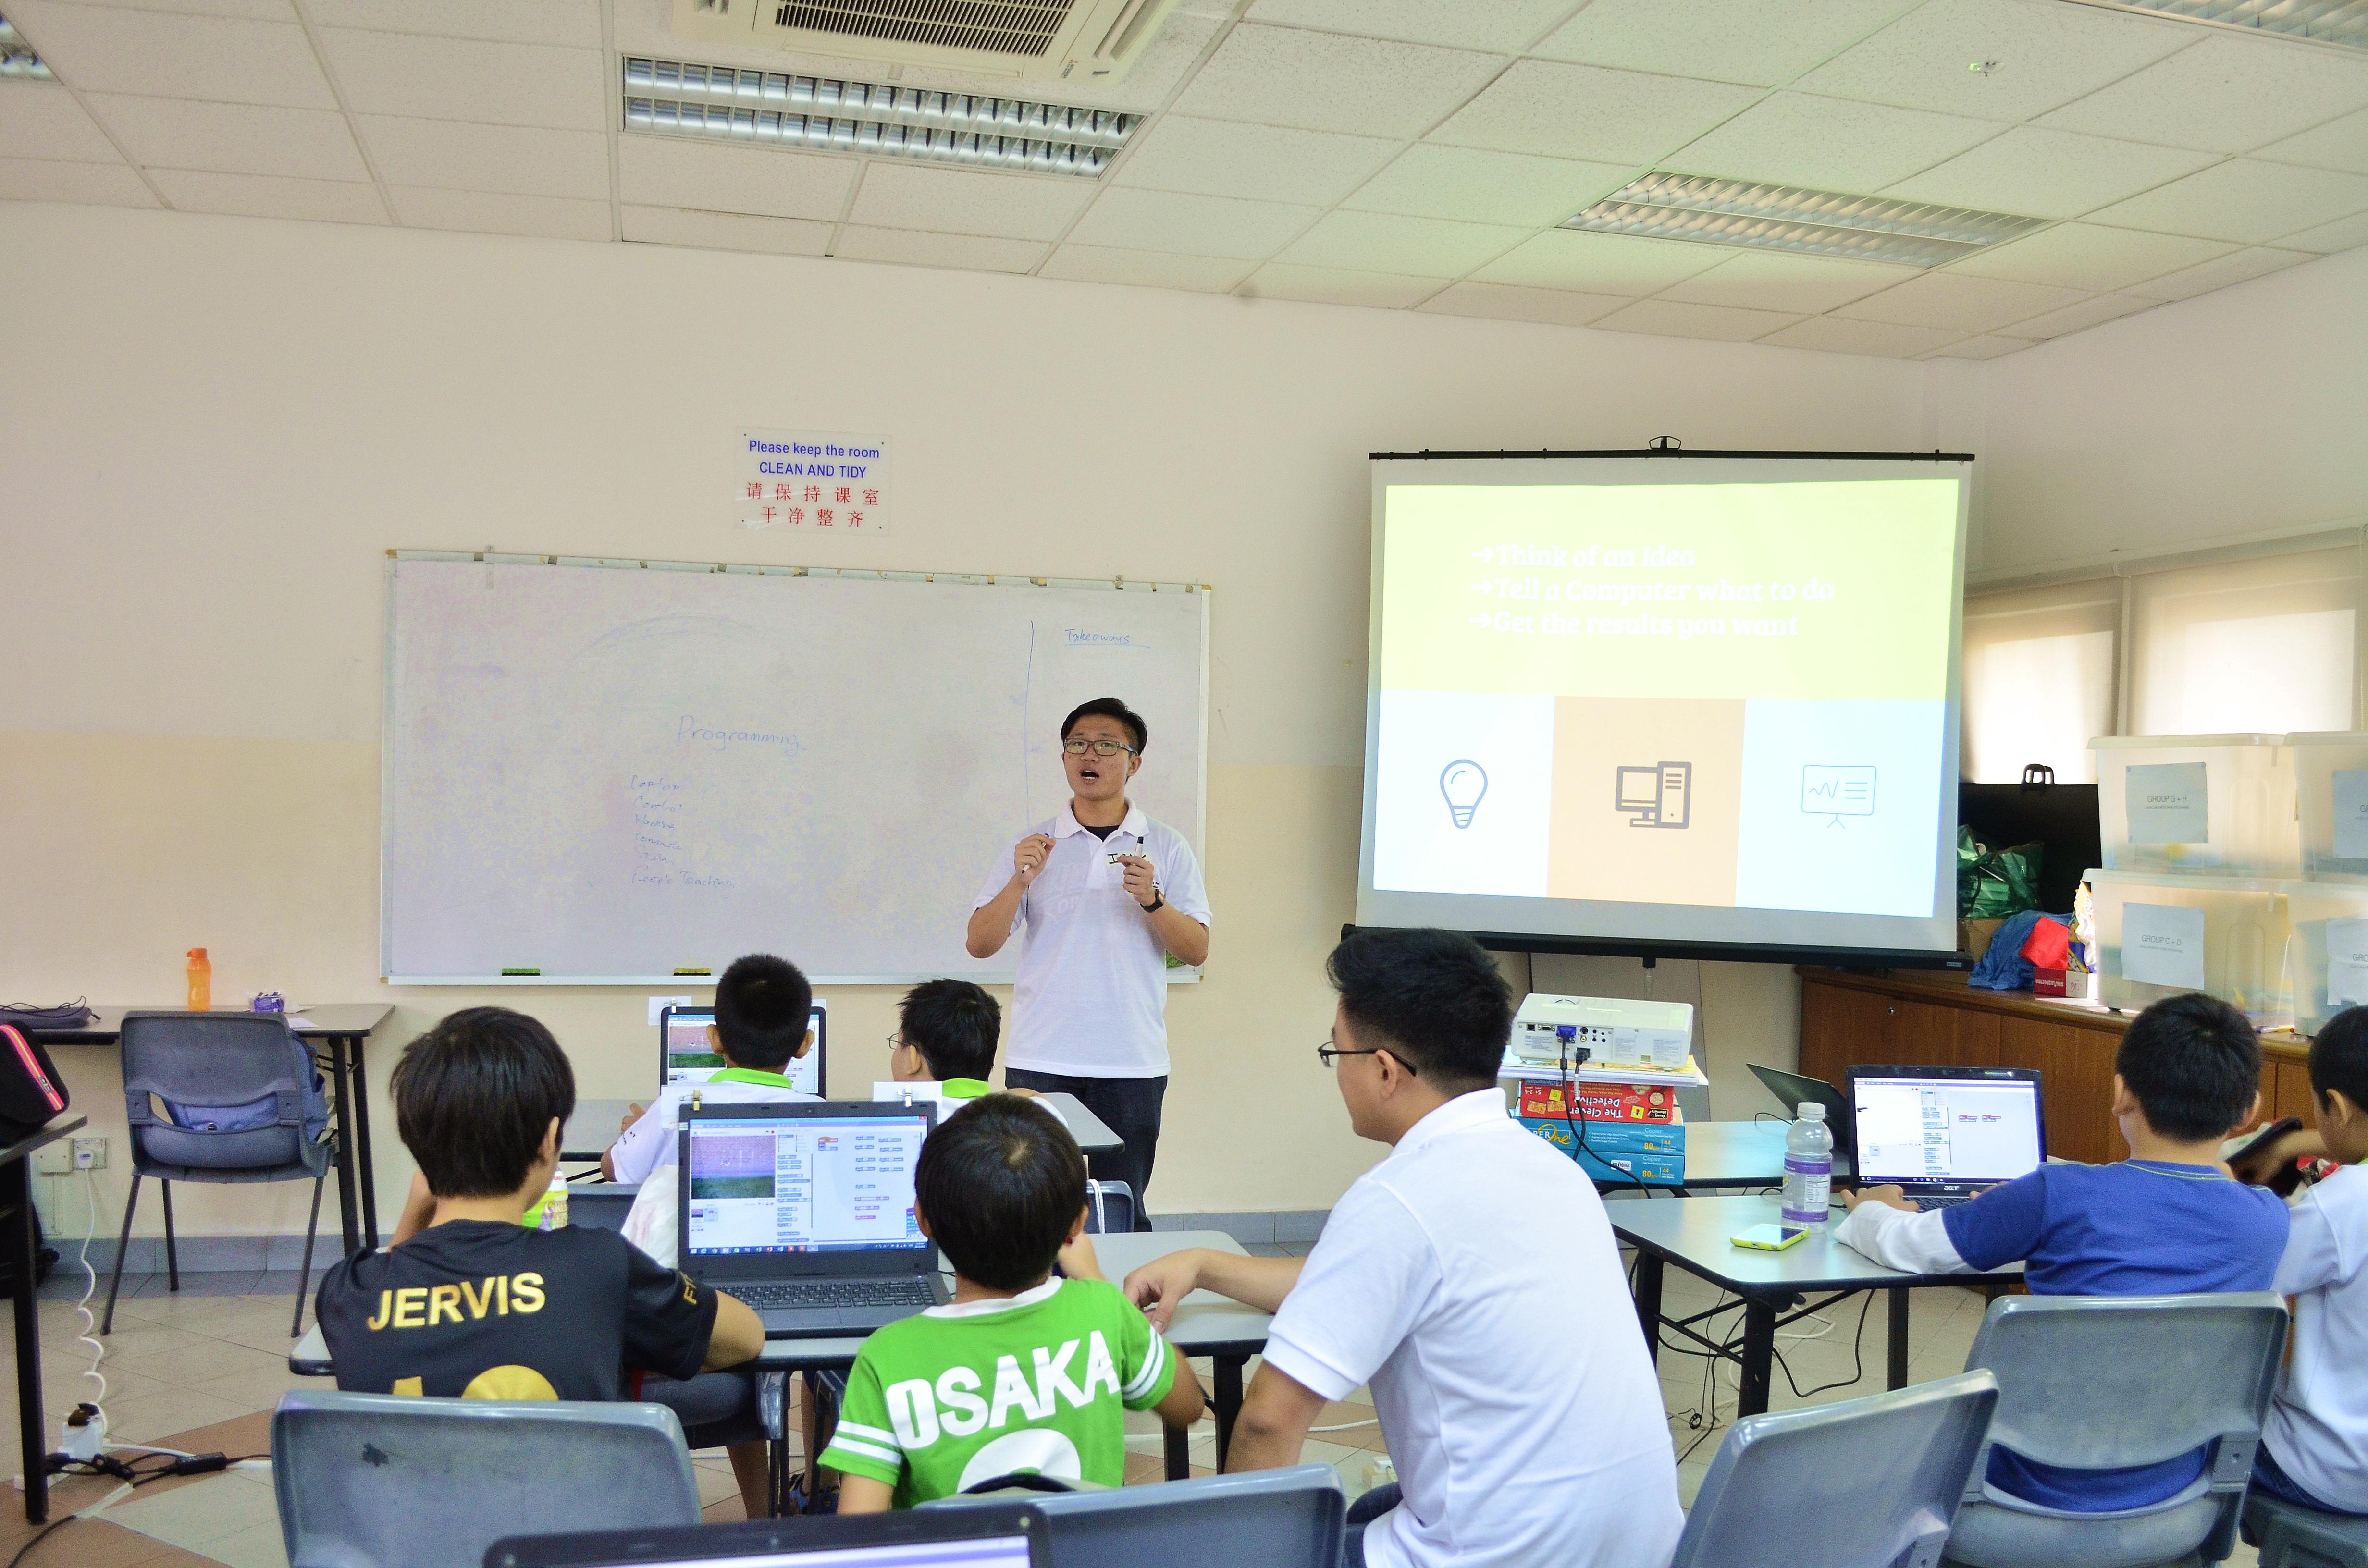 isaac teaching 2